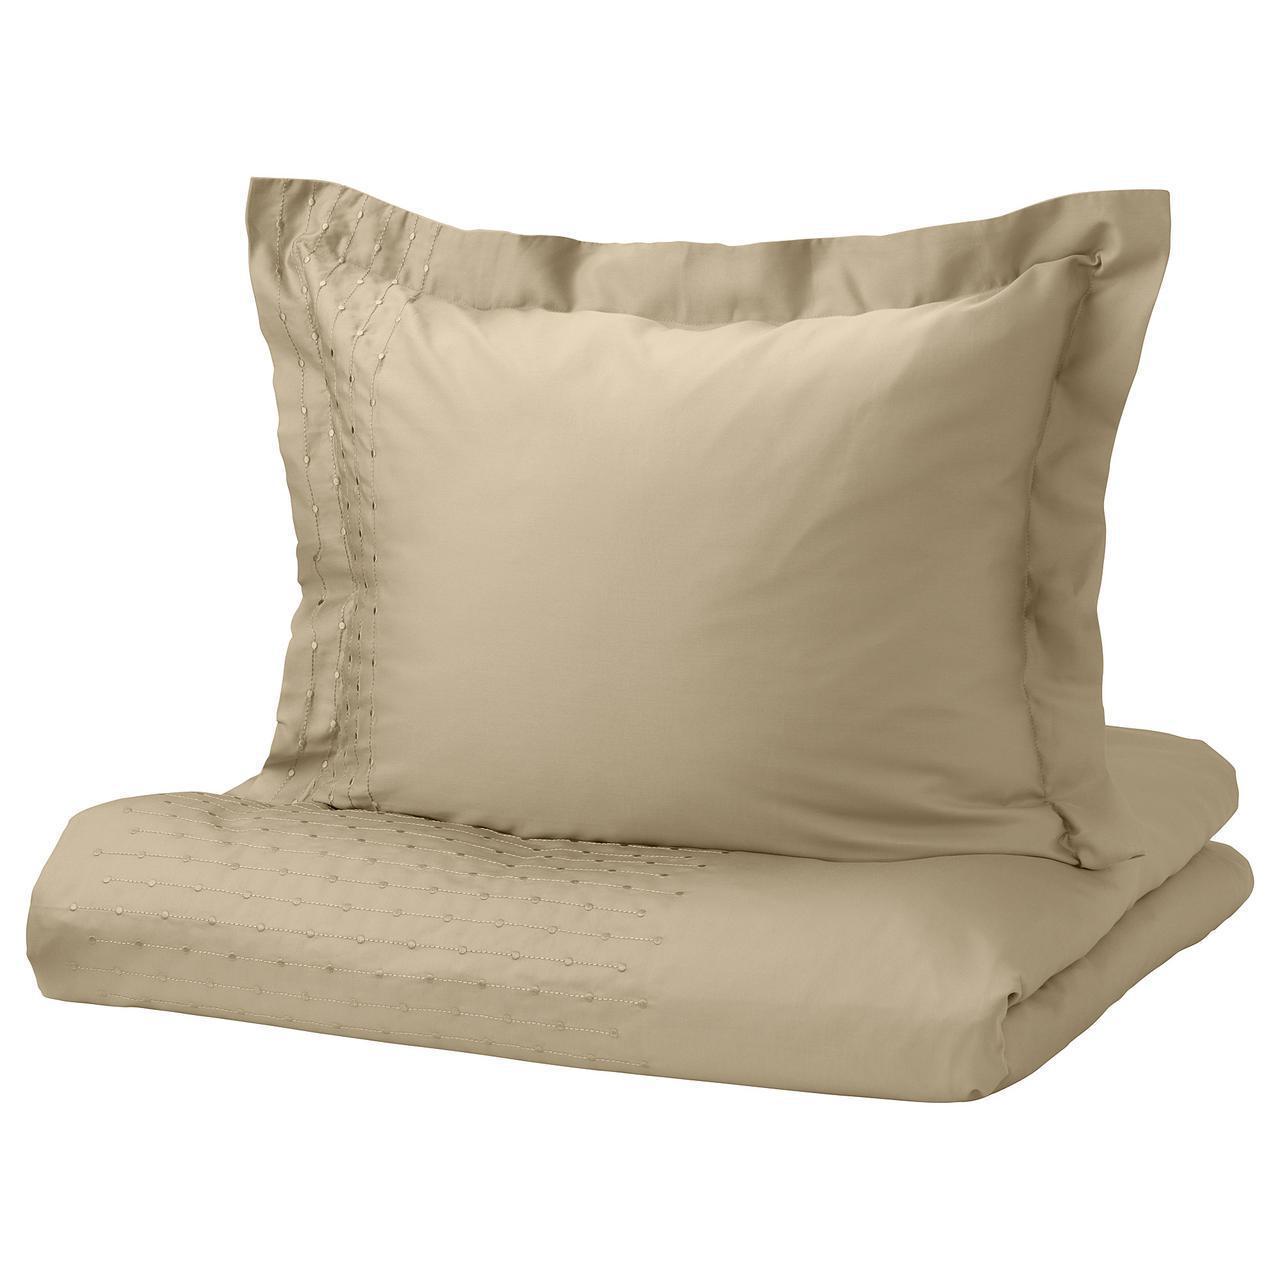 Комплект постельного белья IKEA PRAKTVIVA 150х200 см бежевый 403.798.20